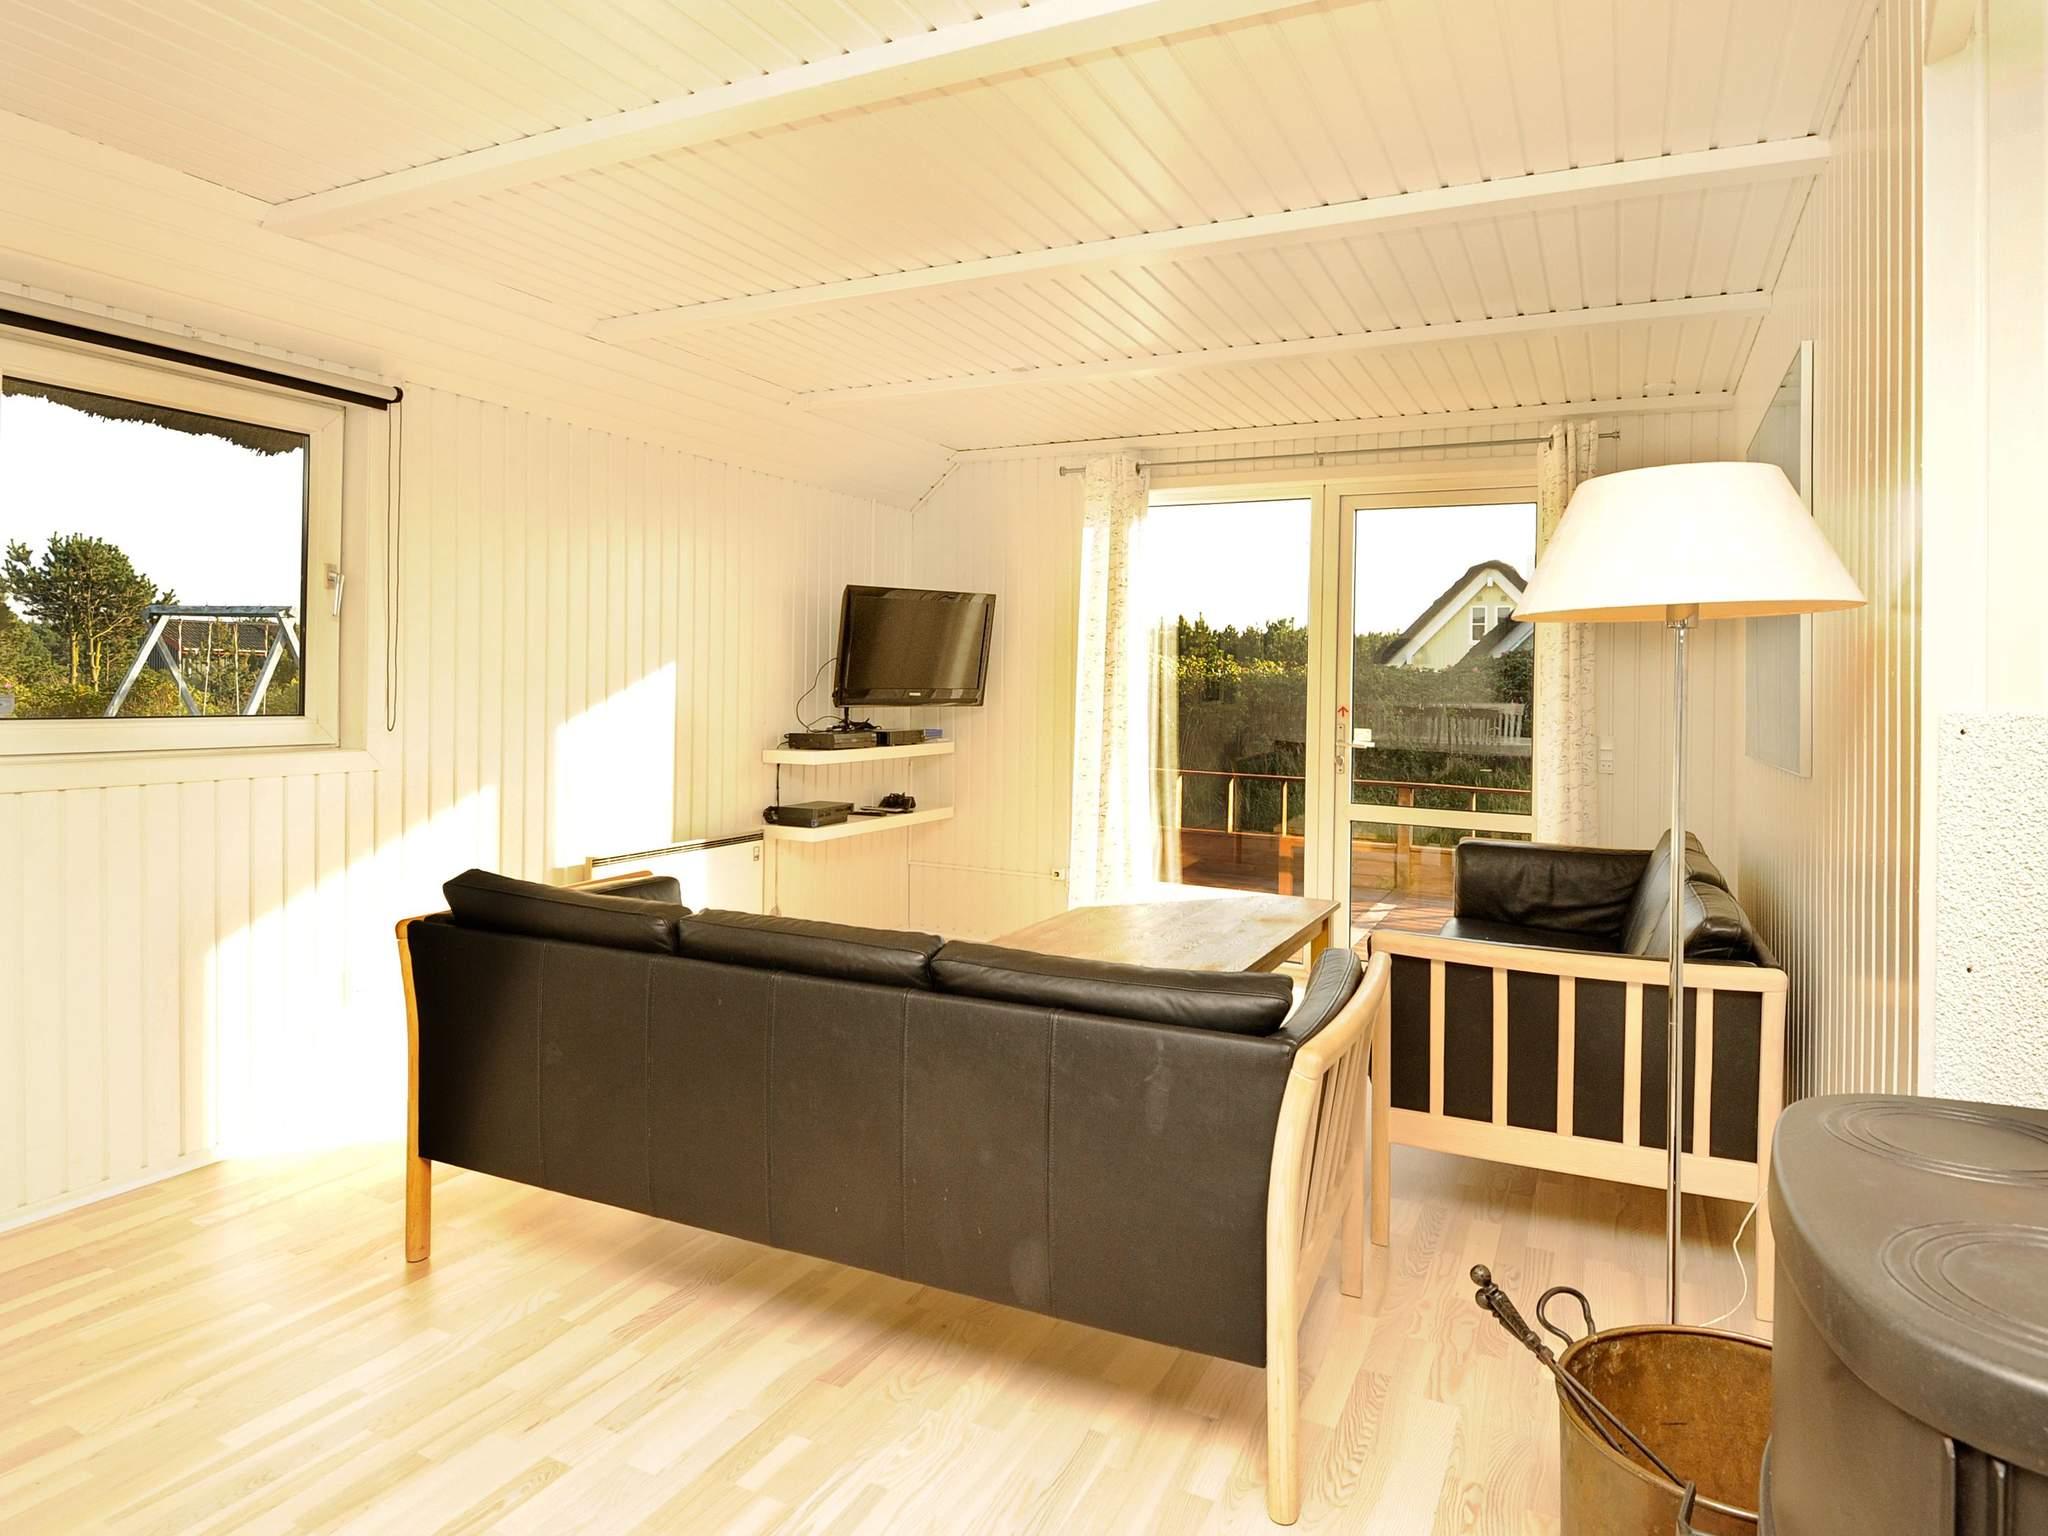 Ferienhaus Vejers Strand (125796), Vejers Strand, , Westjütland, Dänemark, Bild 4